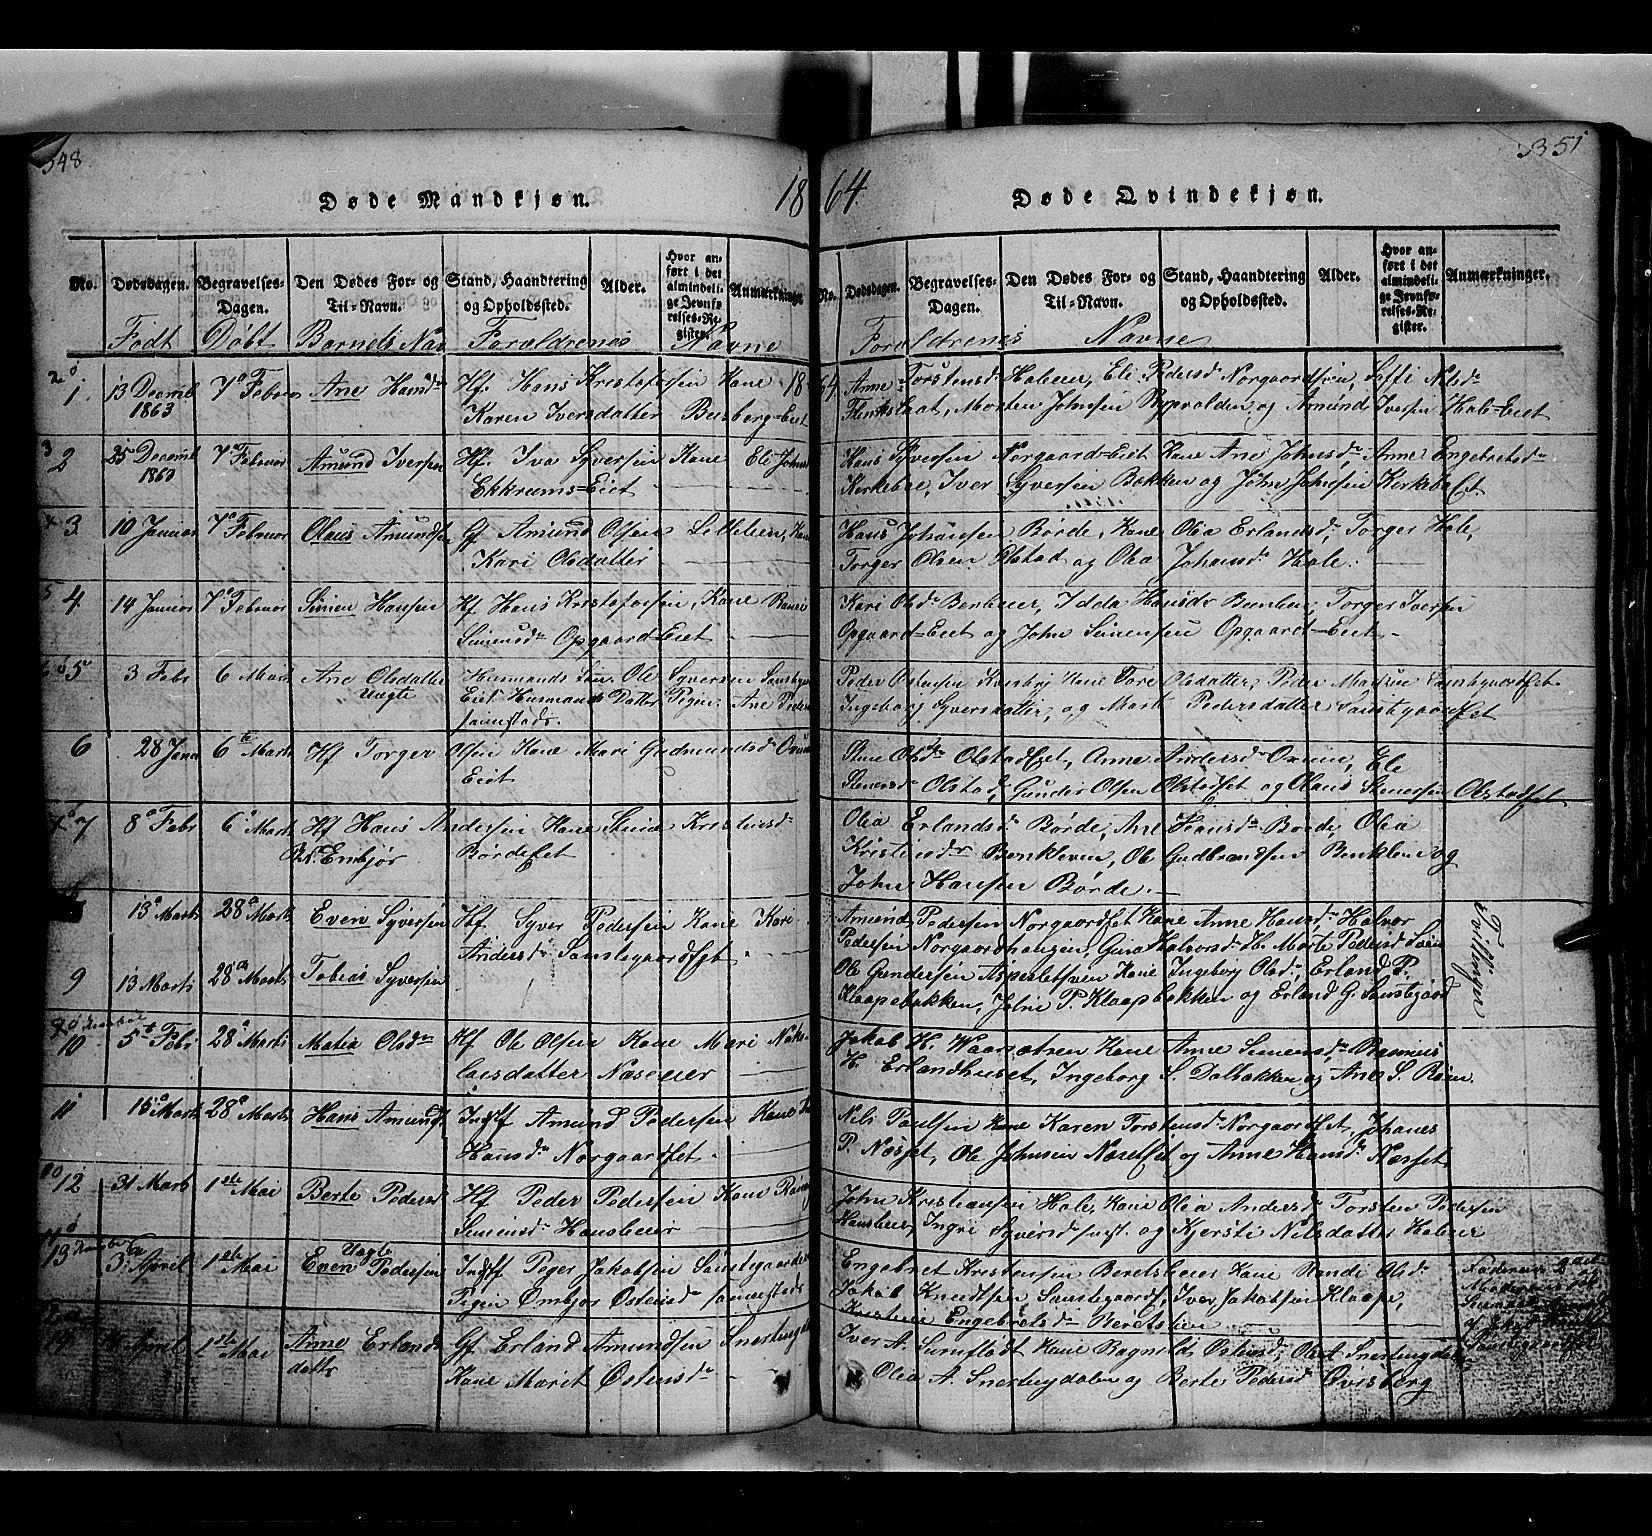 SAH, Gausdal prestekontor, Klokkerbok nr. 2, 1818-1874, s. 348-349